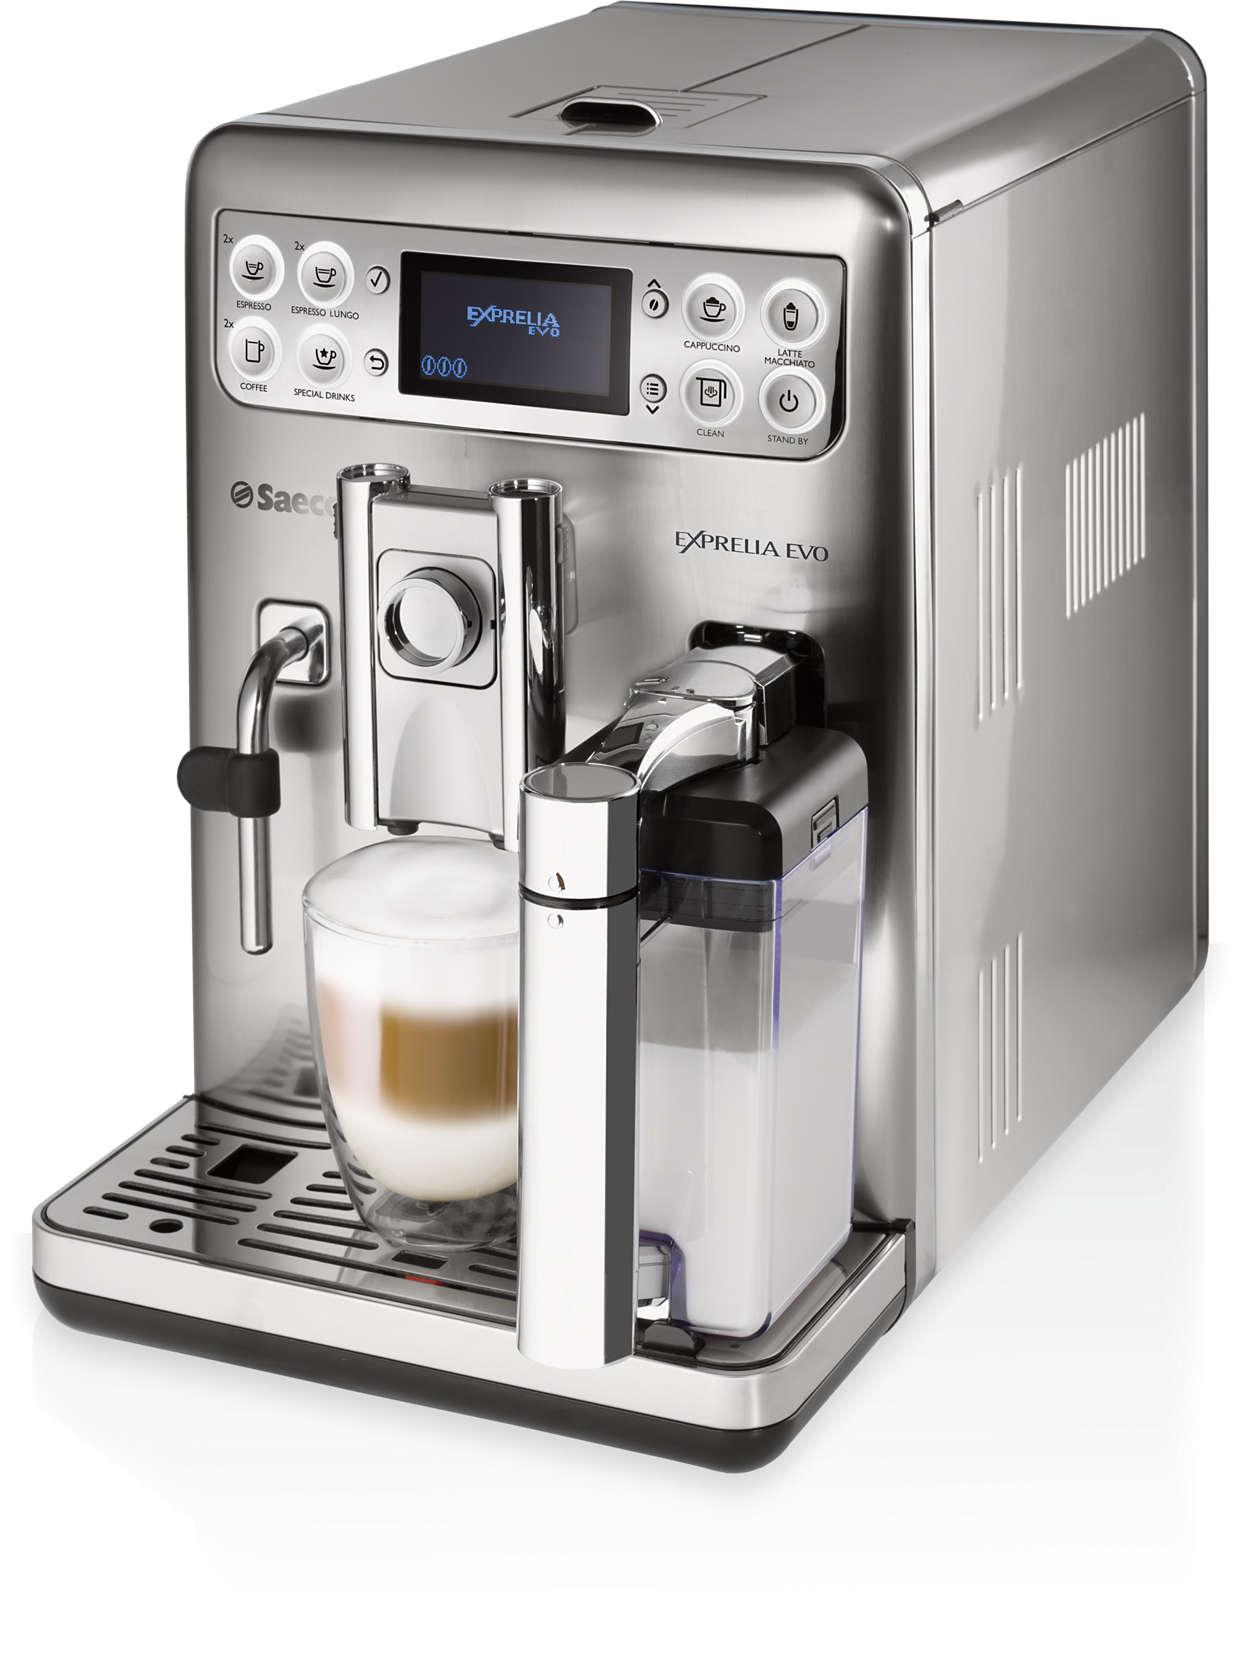 Café exquisito, exactamente a tu gusto